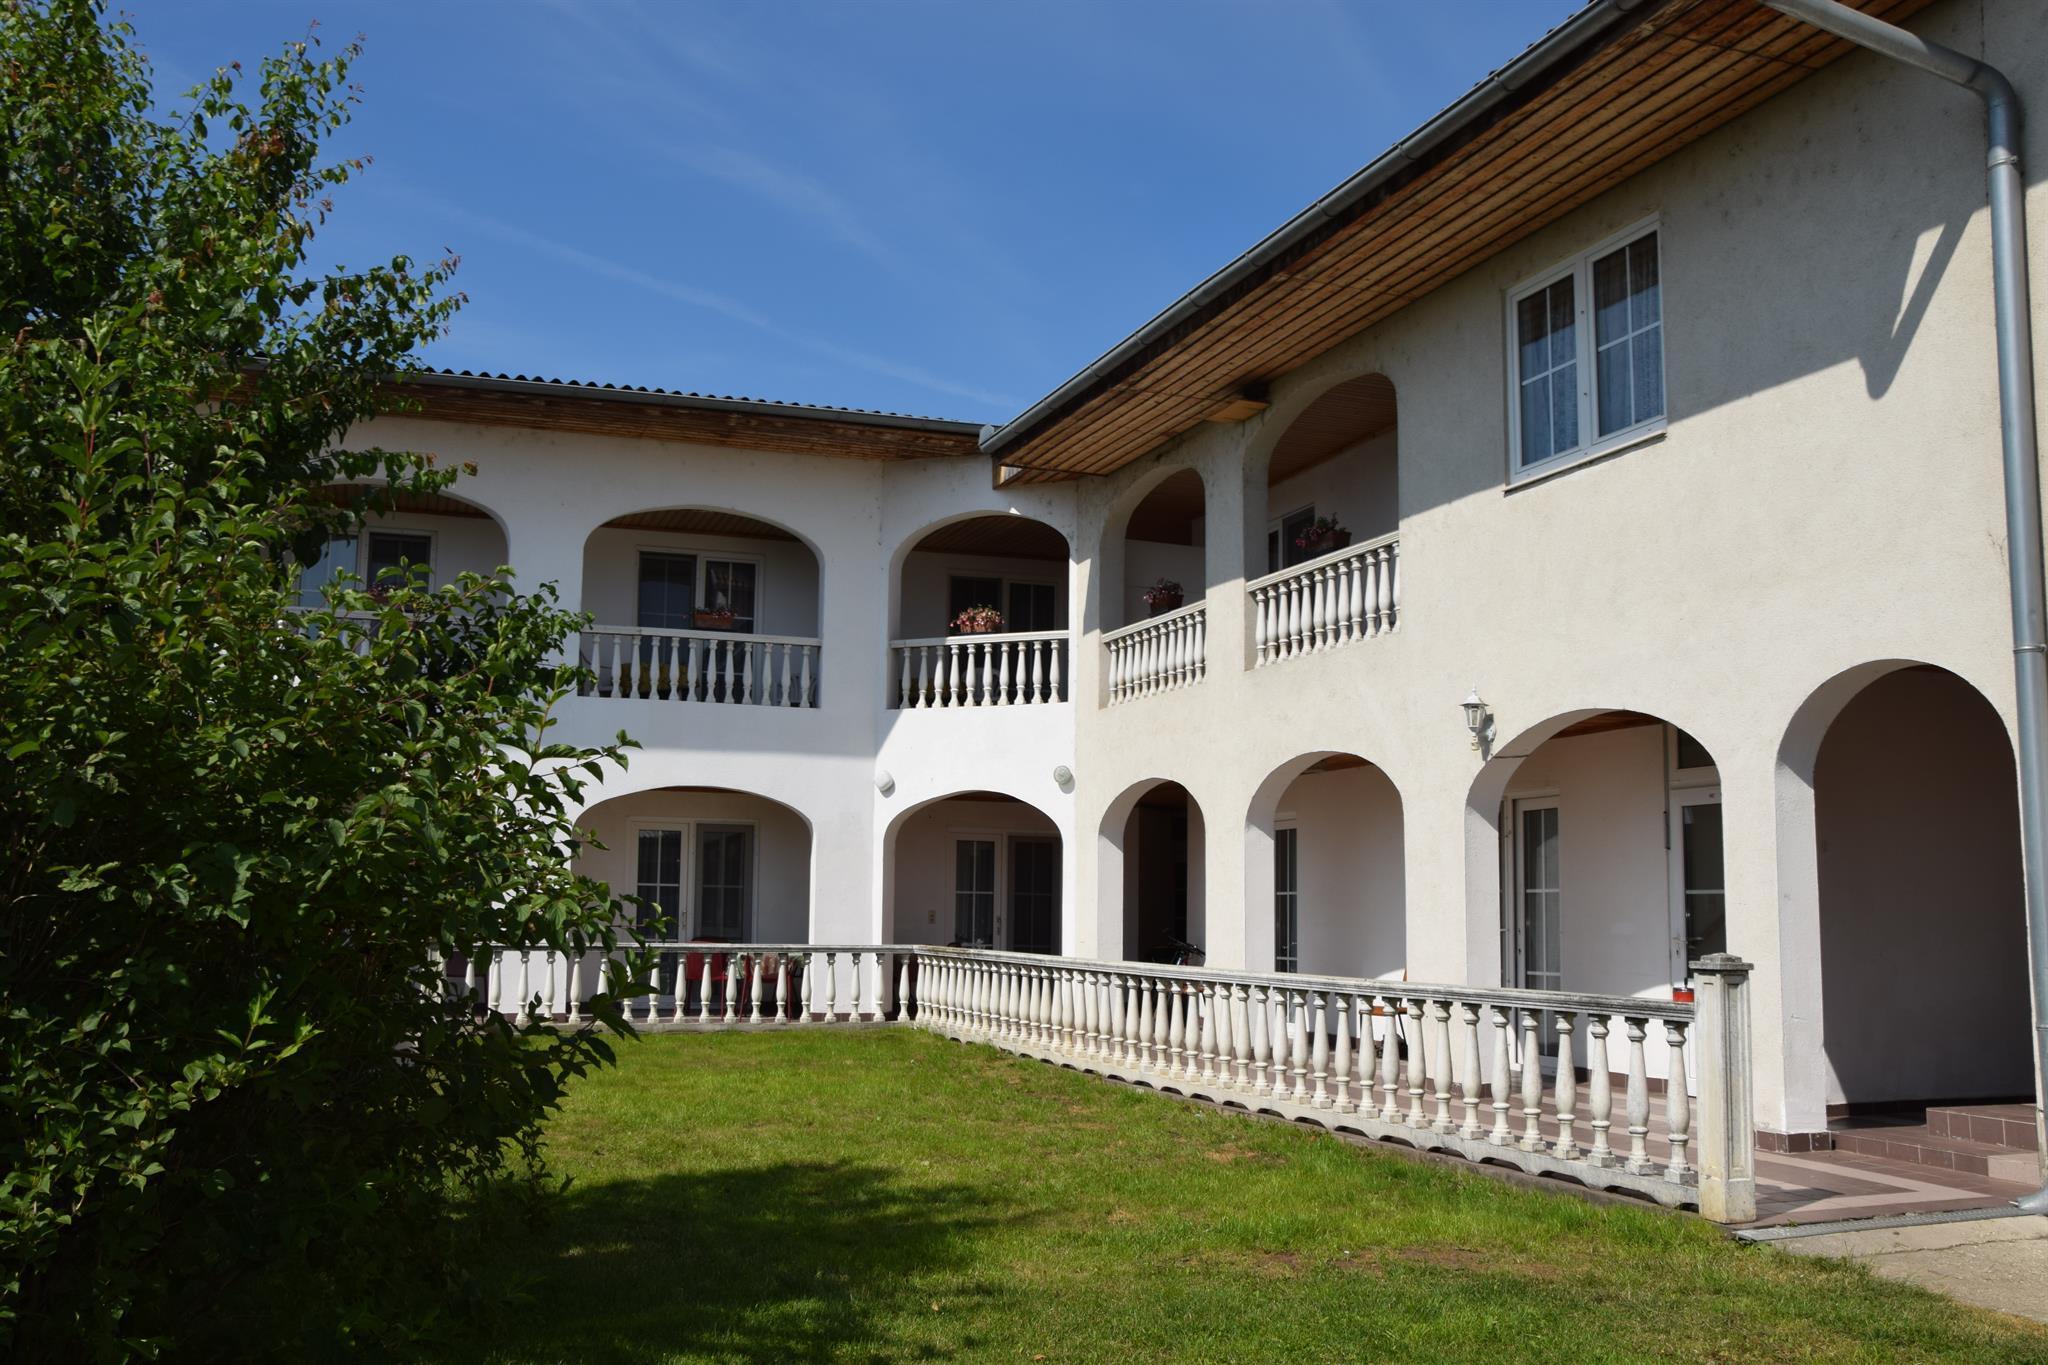 Ferienwohnung Rosenhof Appartementhaus Appartement 65m² (2008891), Podersdorf am See, Neusiedler See, Burgenland, Österreich, Bild 5